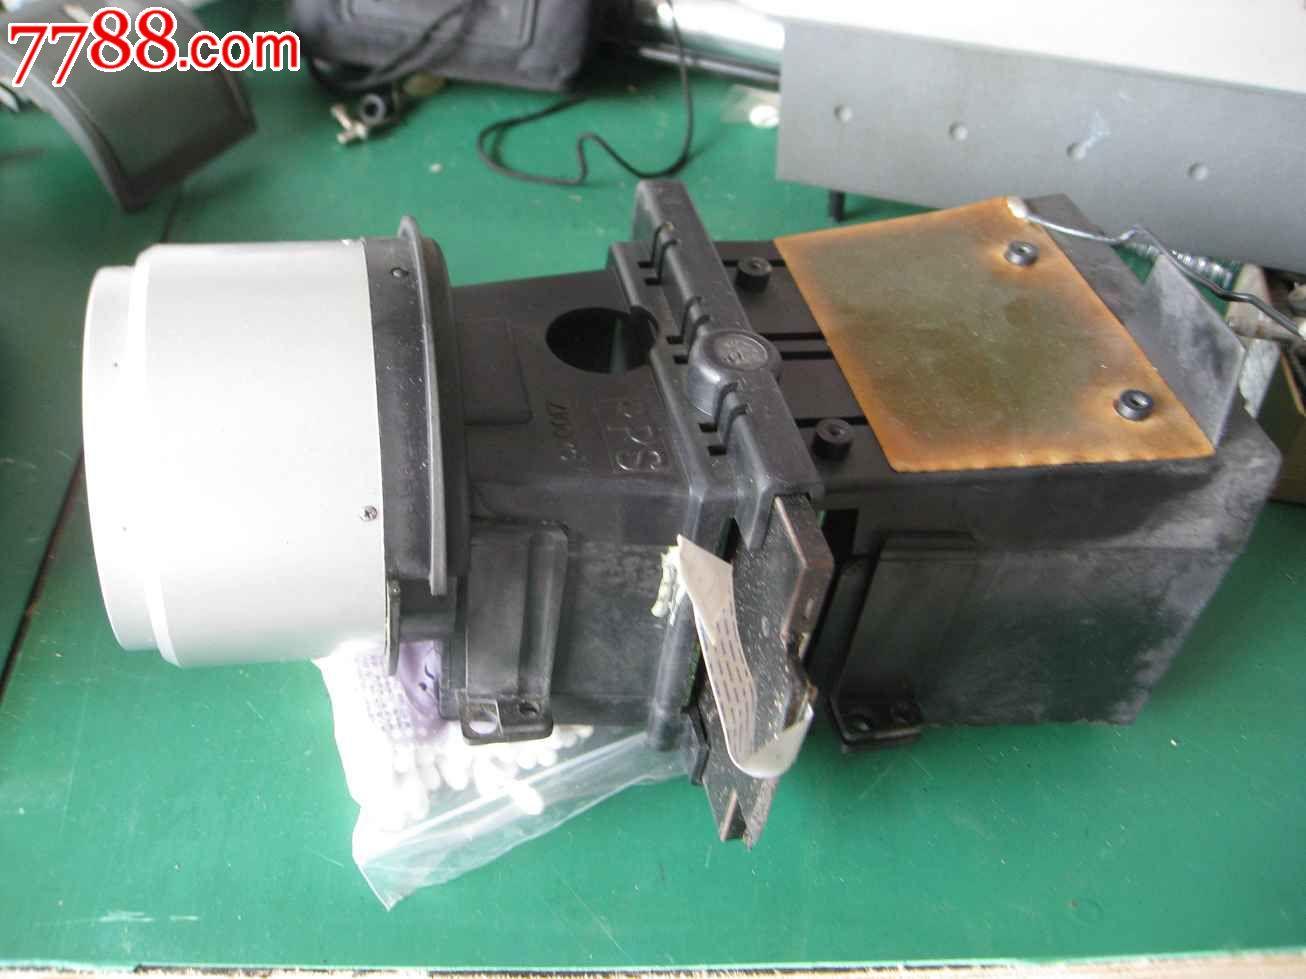 夏普xv-310p投影机配件_价格220.